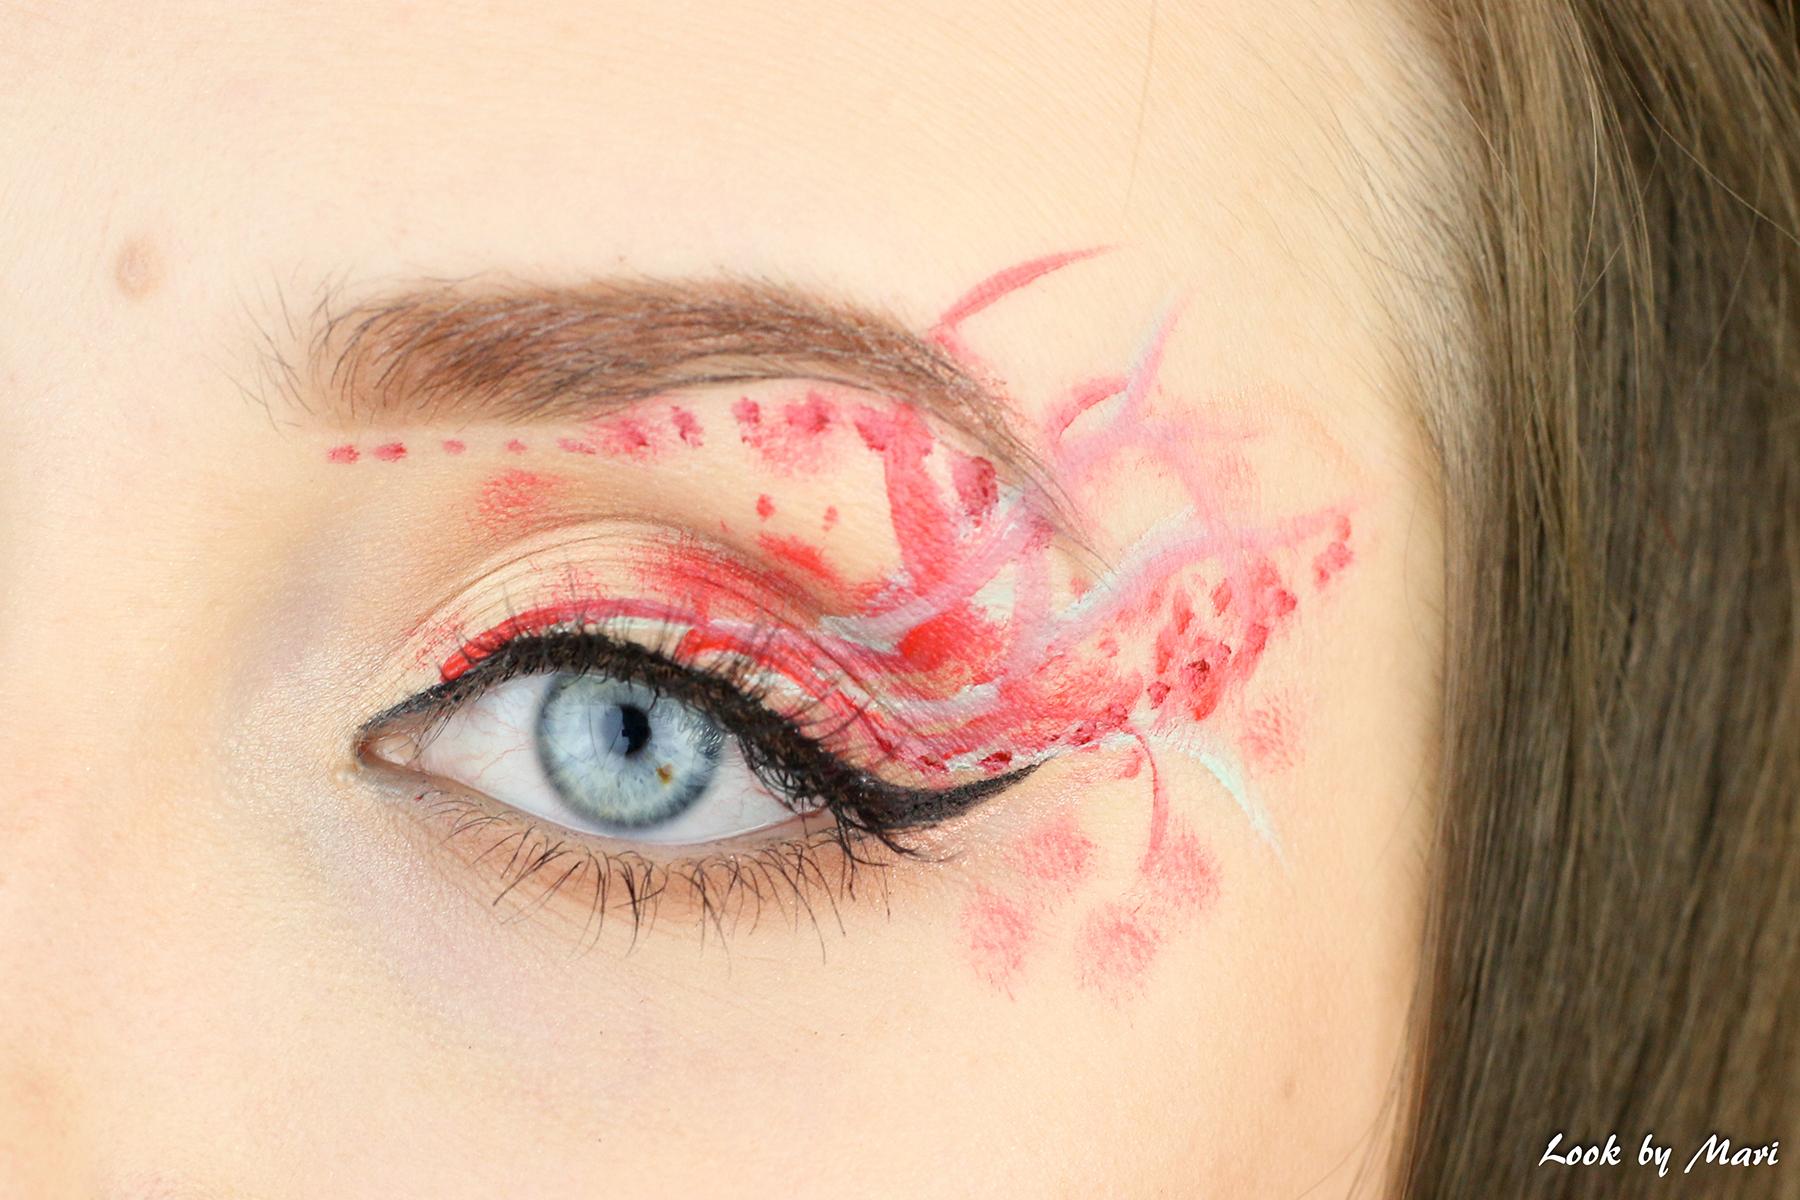 4 silmämeikki taide punainen vihreä silmämeikki ideat tutoriaali inspiraatio taiteellinen meikki